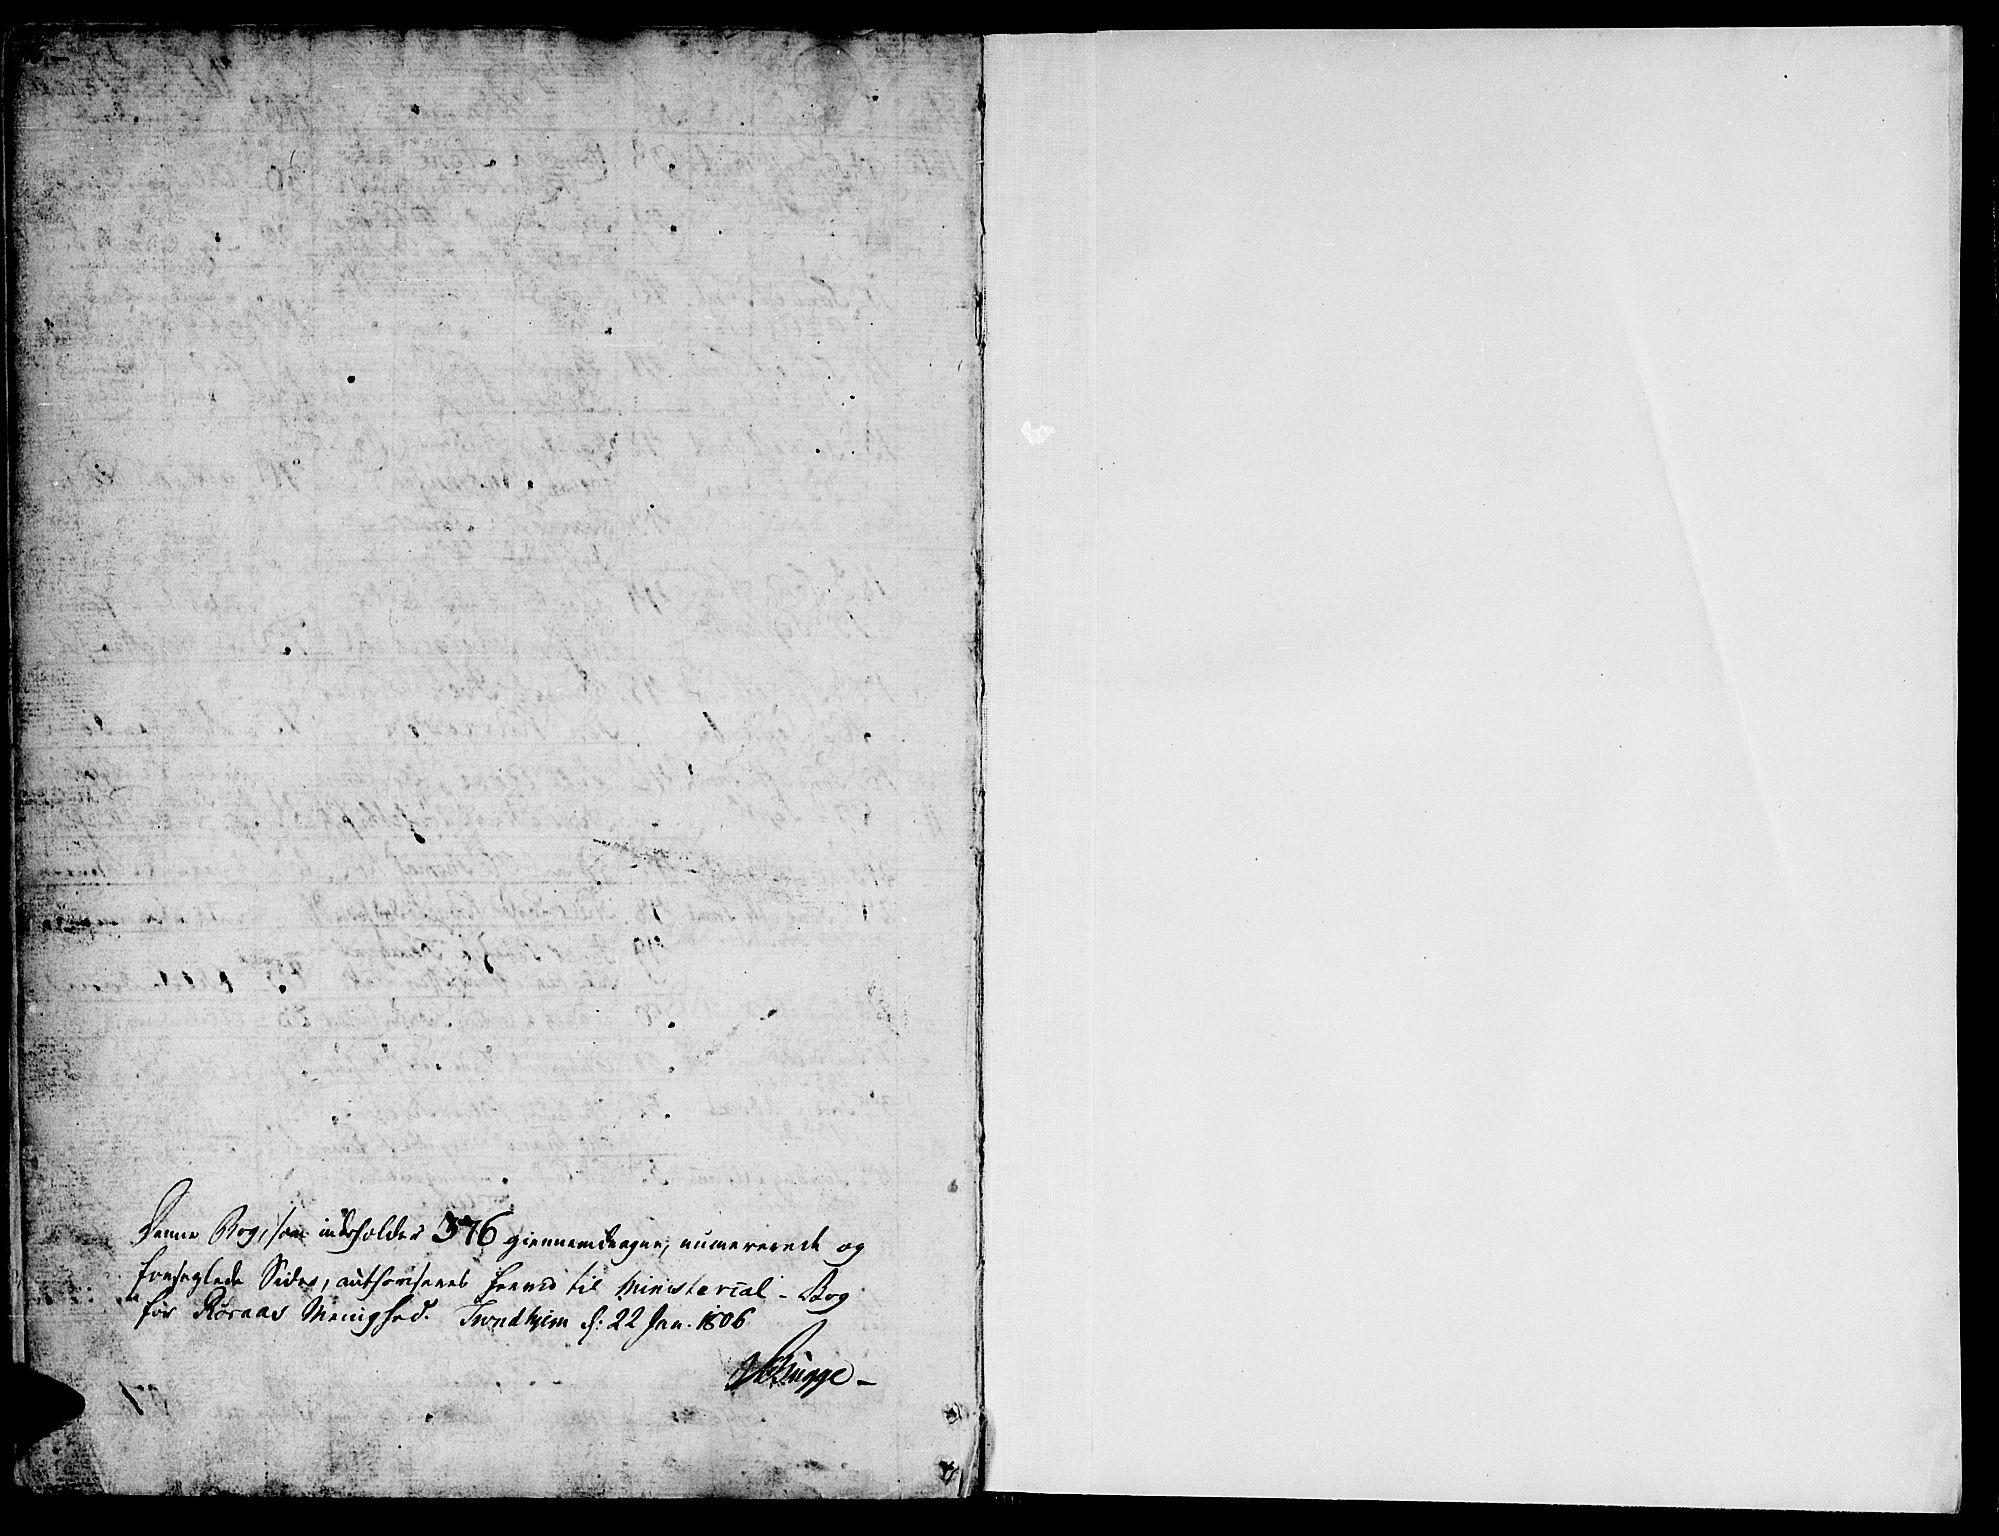 SAT, Ministerialprotokoller, klokkerbøker og fødselsregistre - Sør-Trøndelag, 681/L0928: Ministerialbok nr. 681A06, 1806-1816